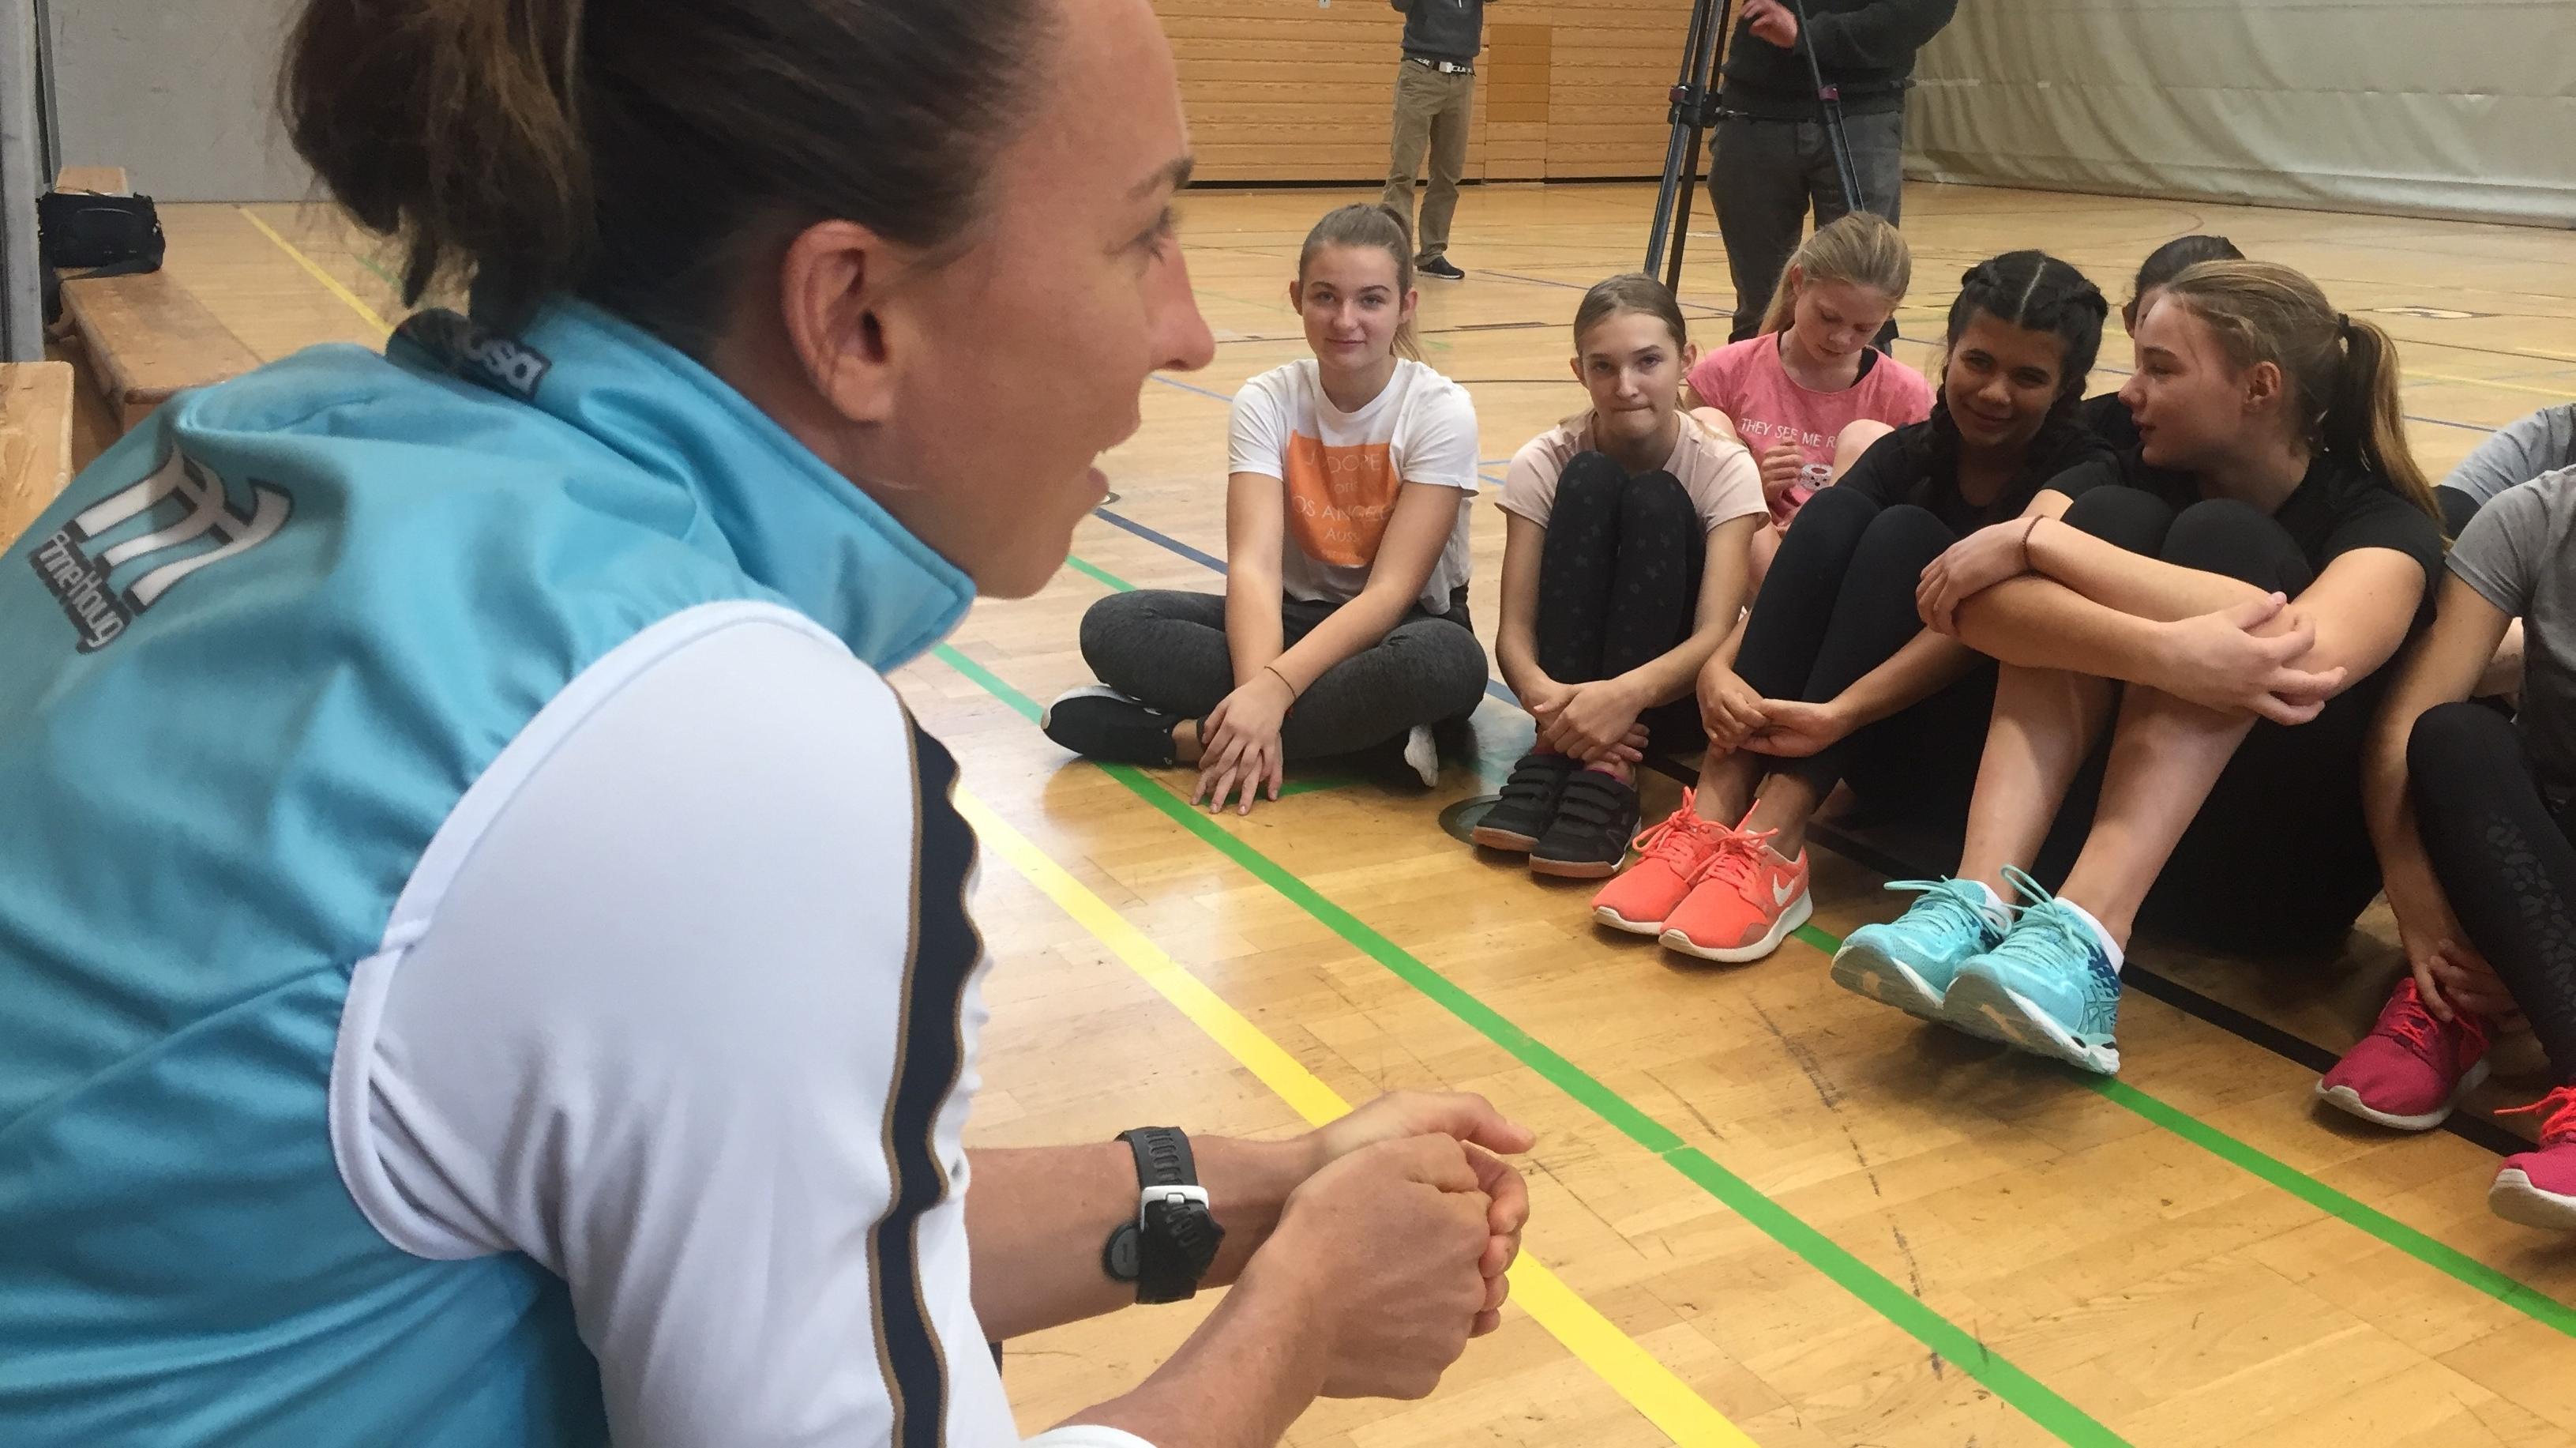 Triathletin Anne Haug beginnt die Sportstunde am Richard Wagner Gymnasium in Bayreuth.